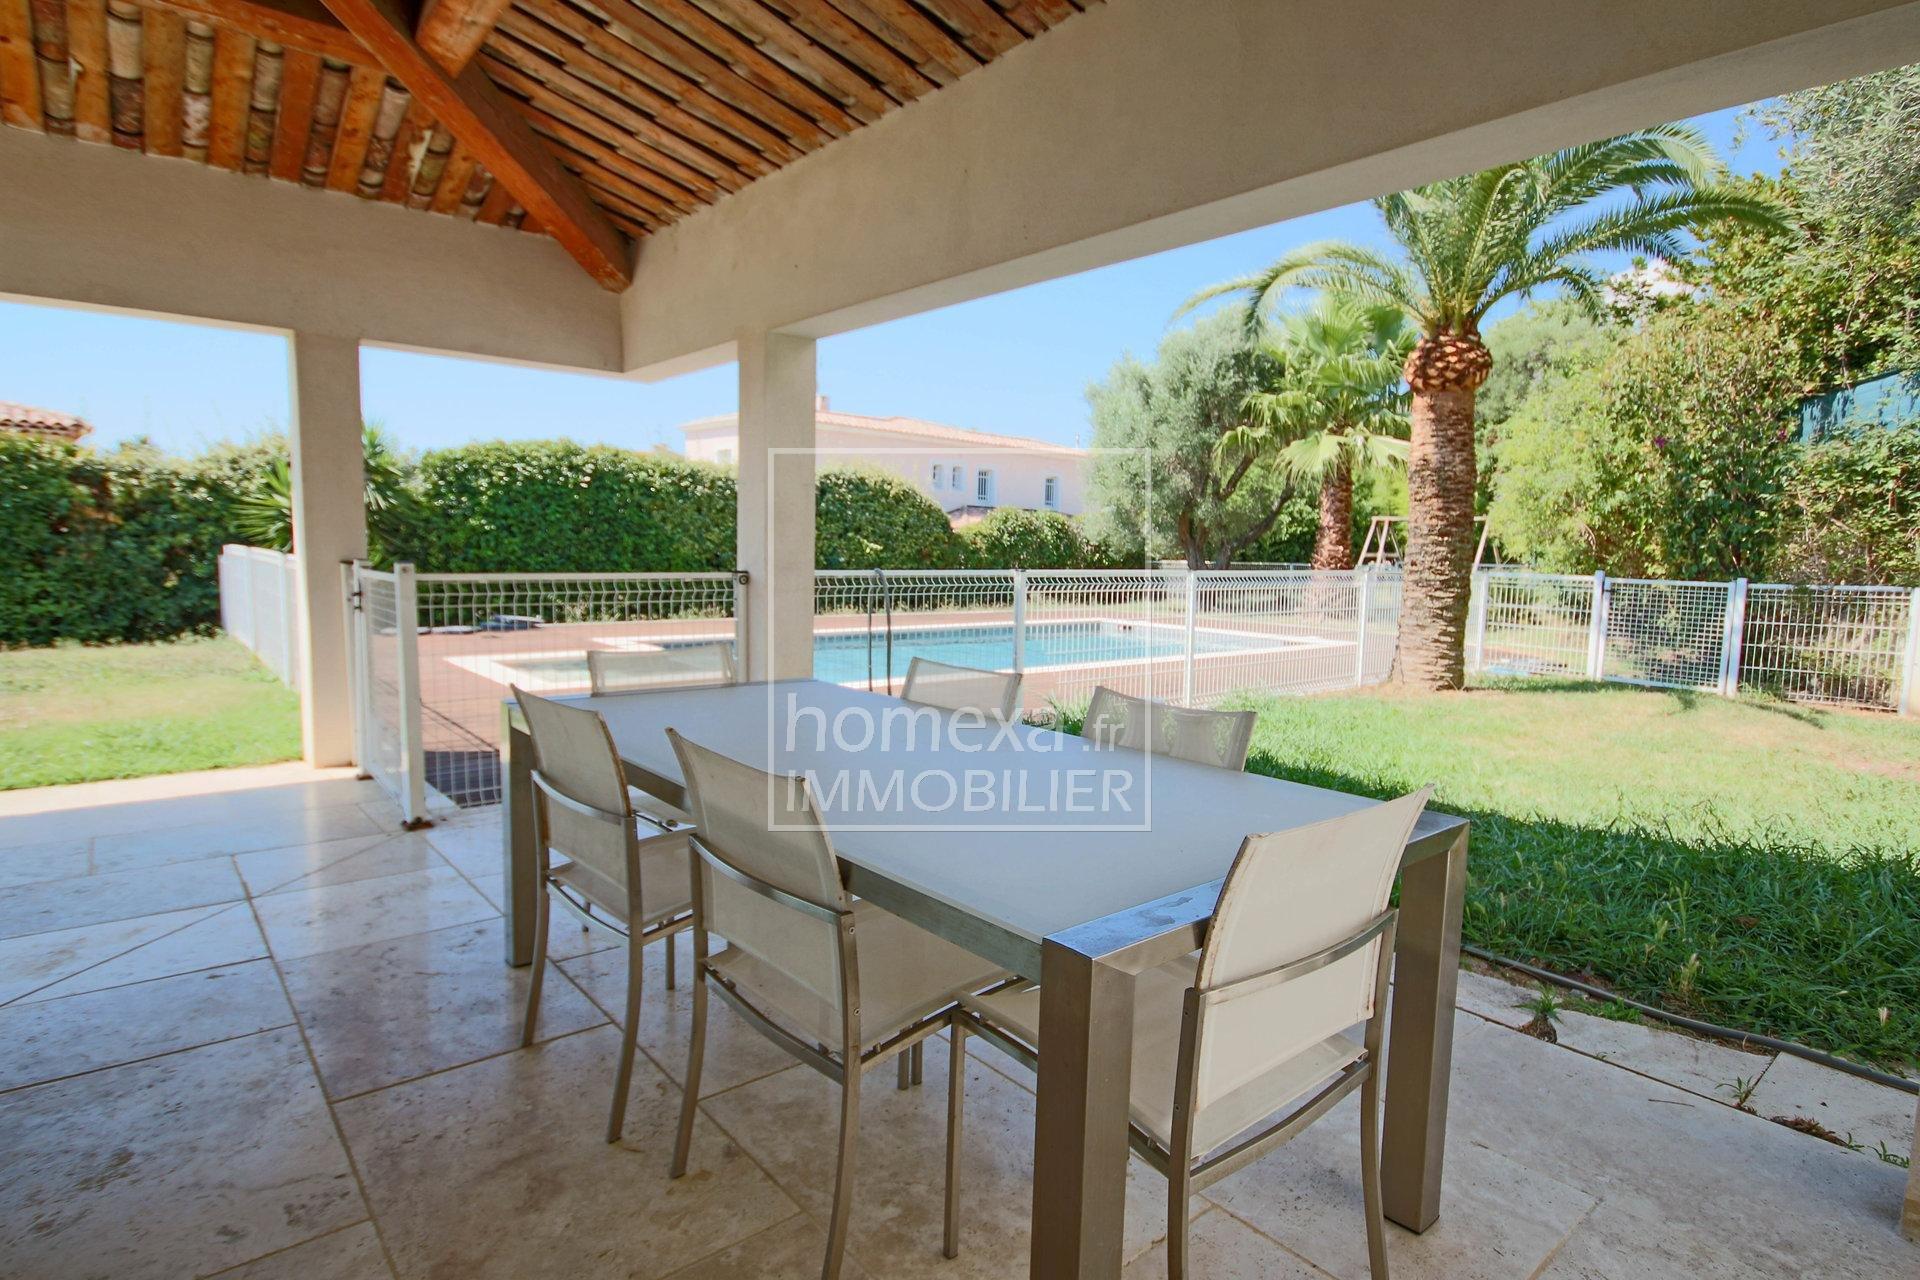 Vente villa Antibes Juan-les-Pins : Vue terrasse couverte face piscine